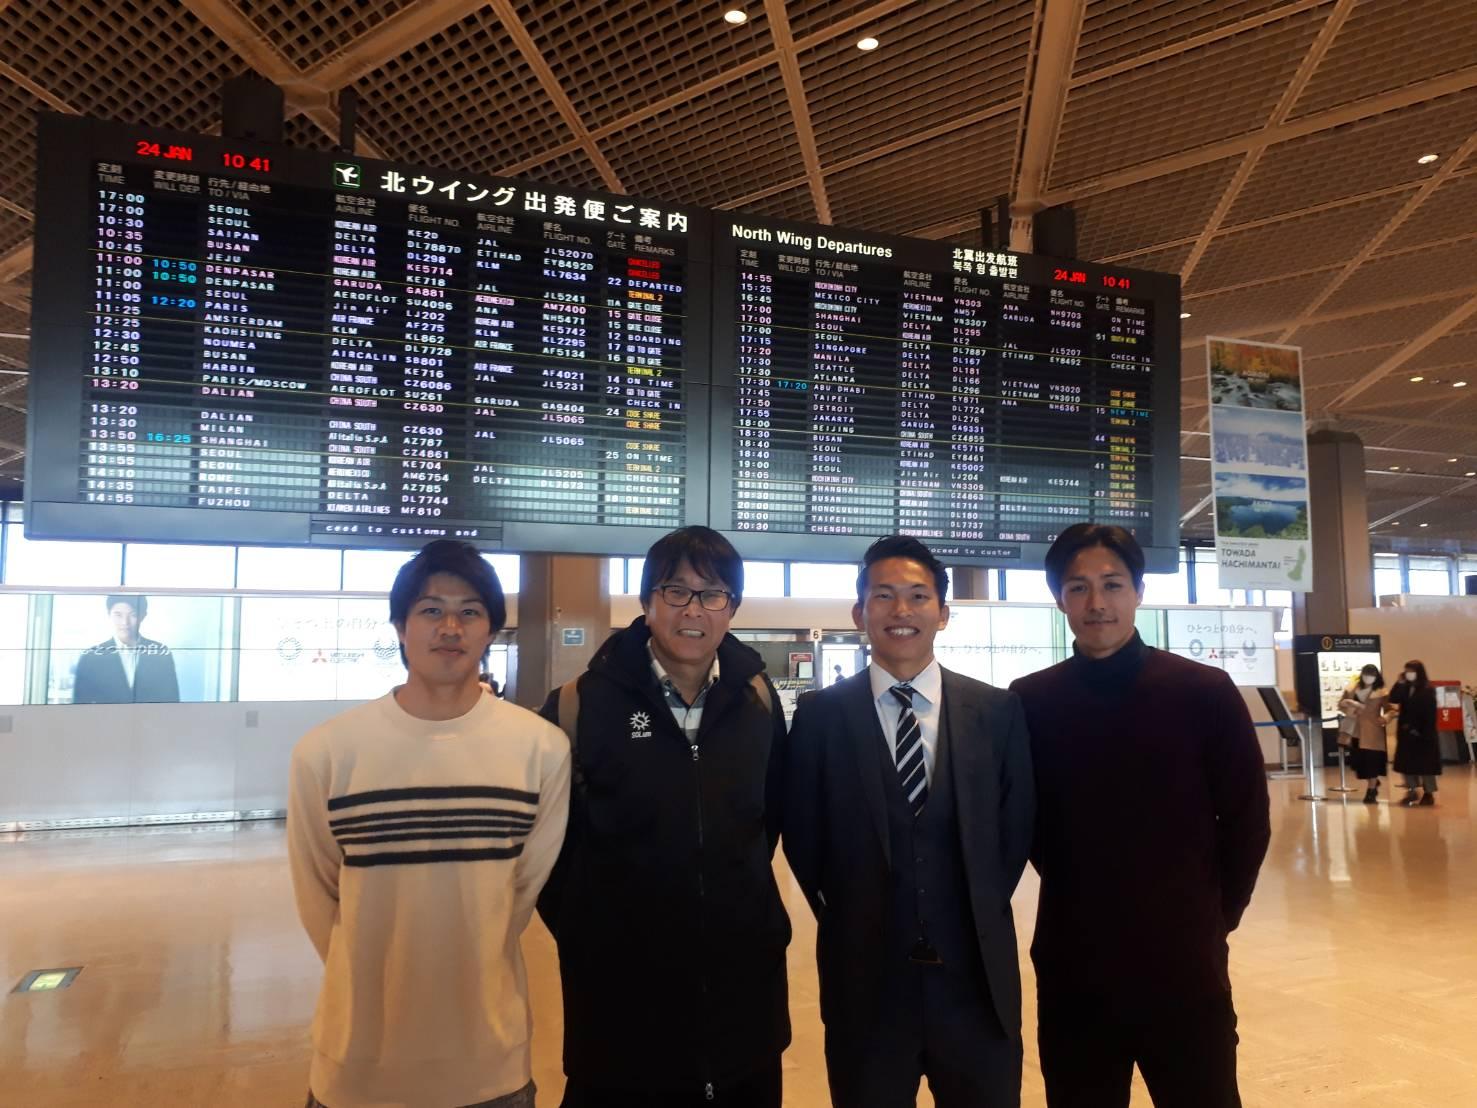 成田空港で出発前(左から)疋田・高橋先生・近藤・尾亦コーチ